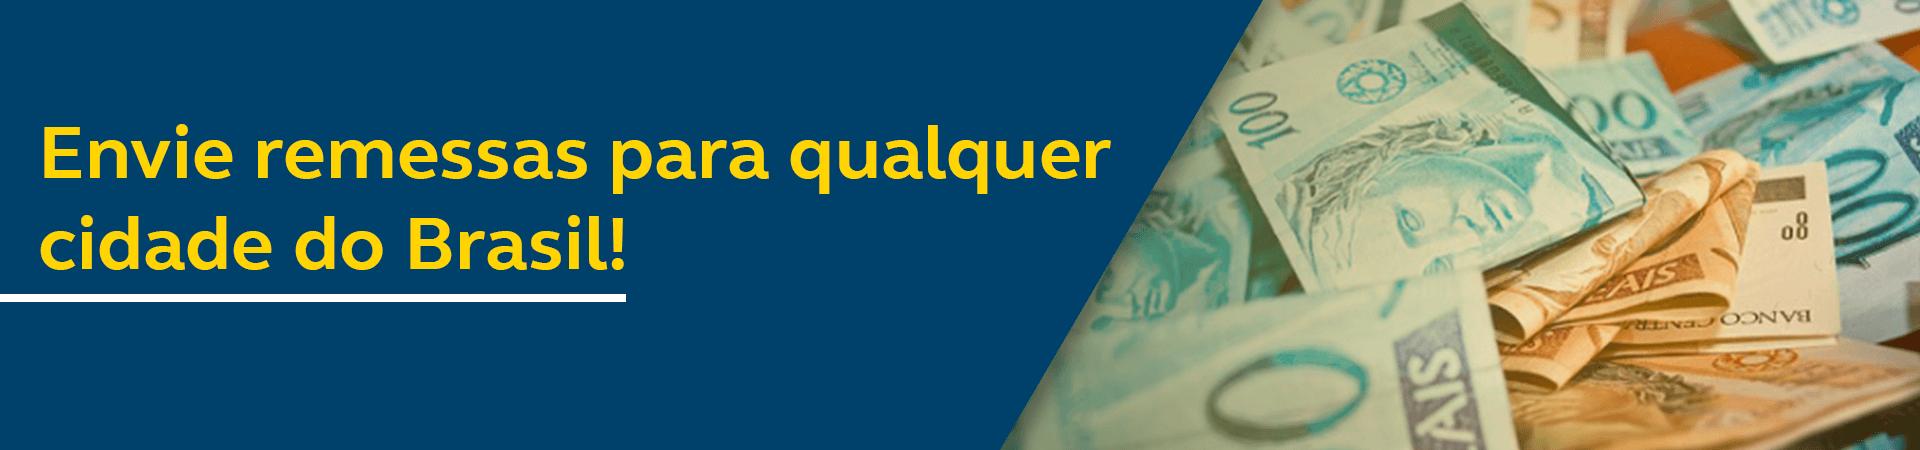 Imagem de cédulas de cinquenta e cem reais. Frase do banner - Envie remessas para qualquer cidade do Brasil